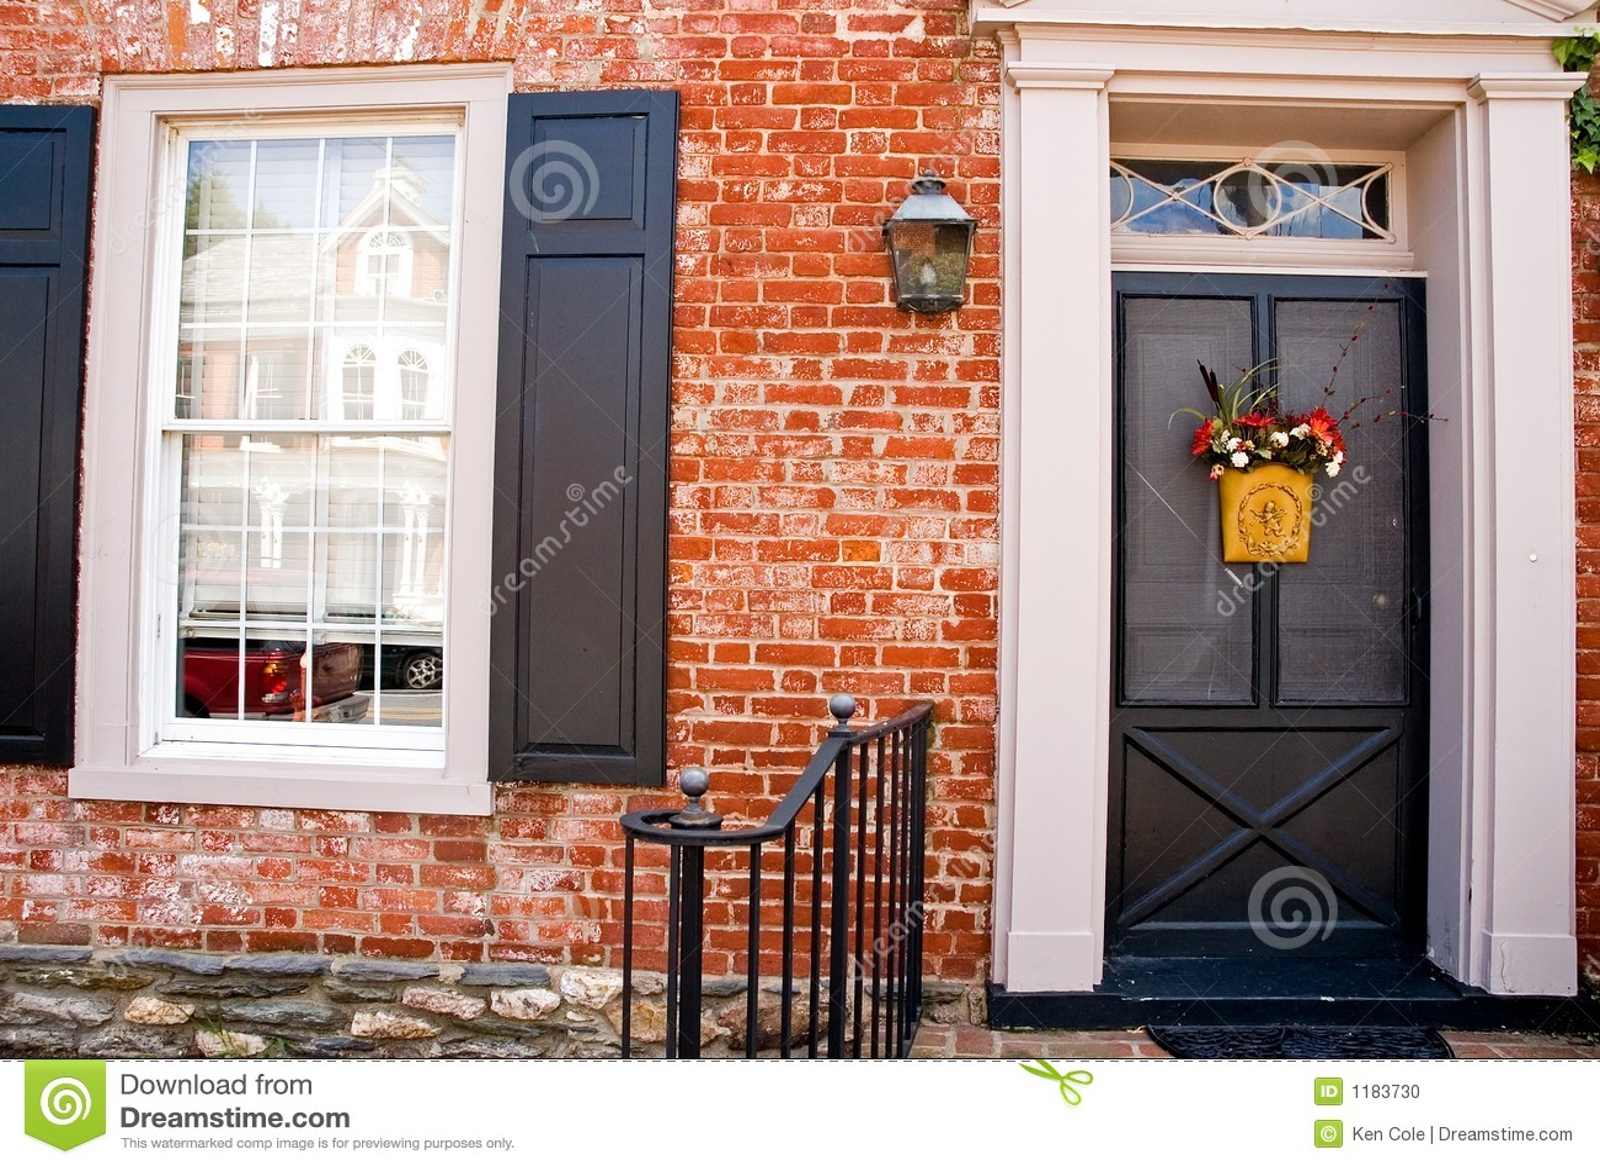 Front Door of Brick House